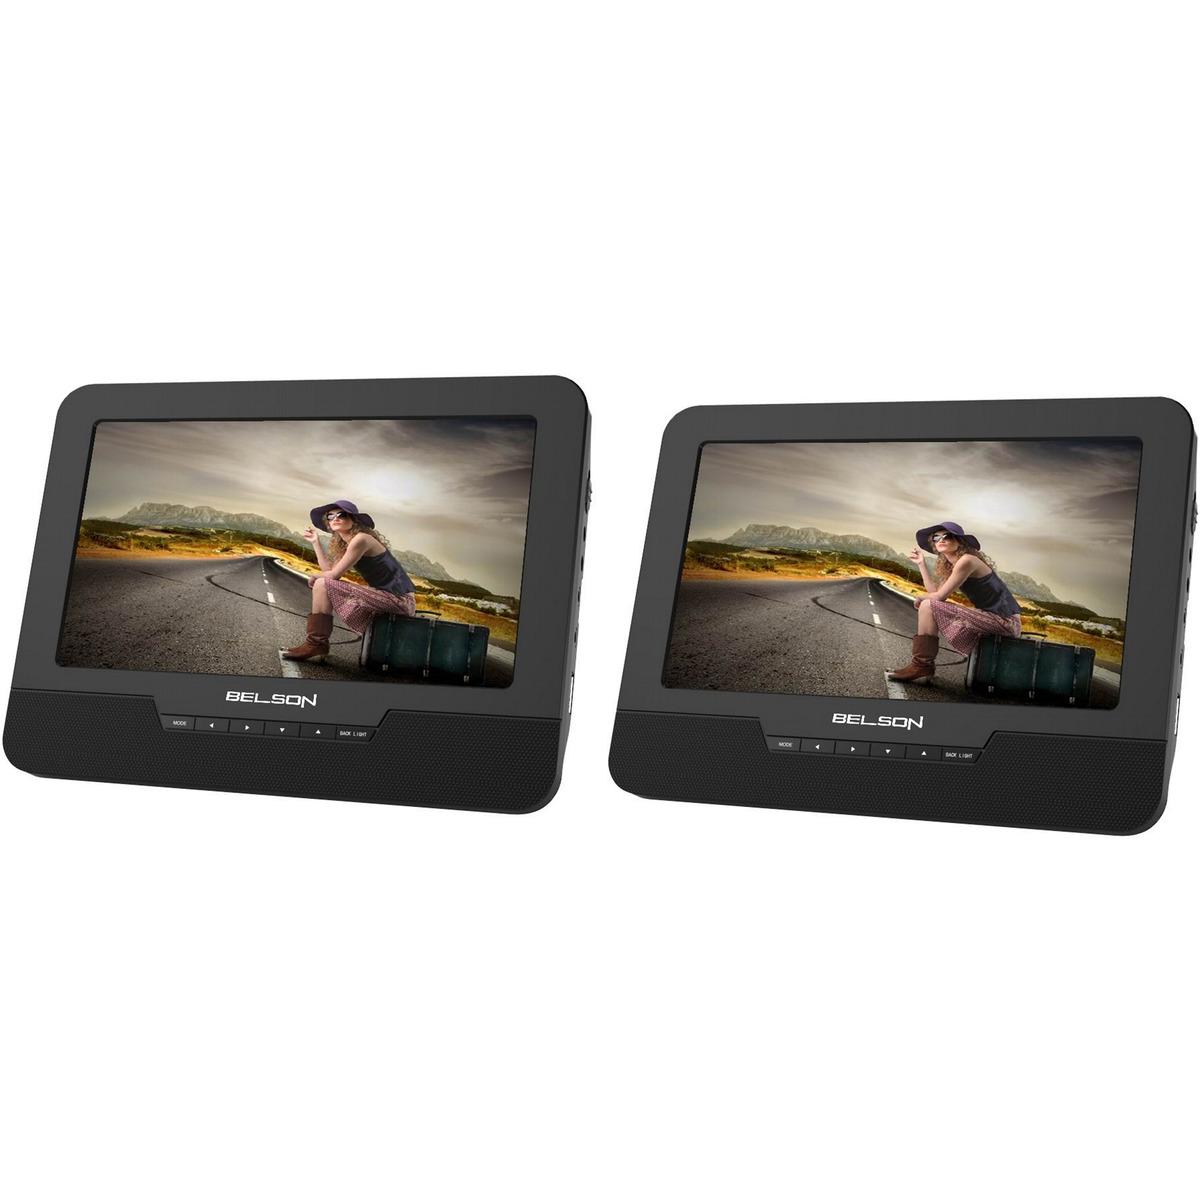 DVD portátil Belson Dual 91 9'' con USB y lector Tarjetas SD